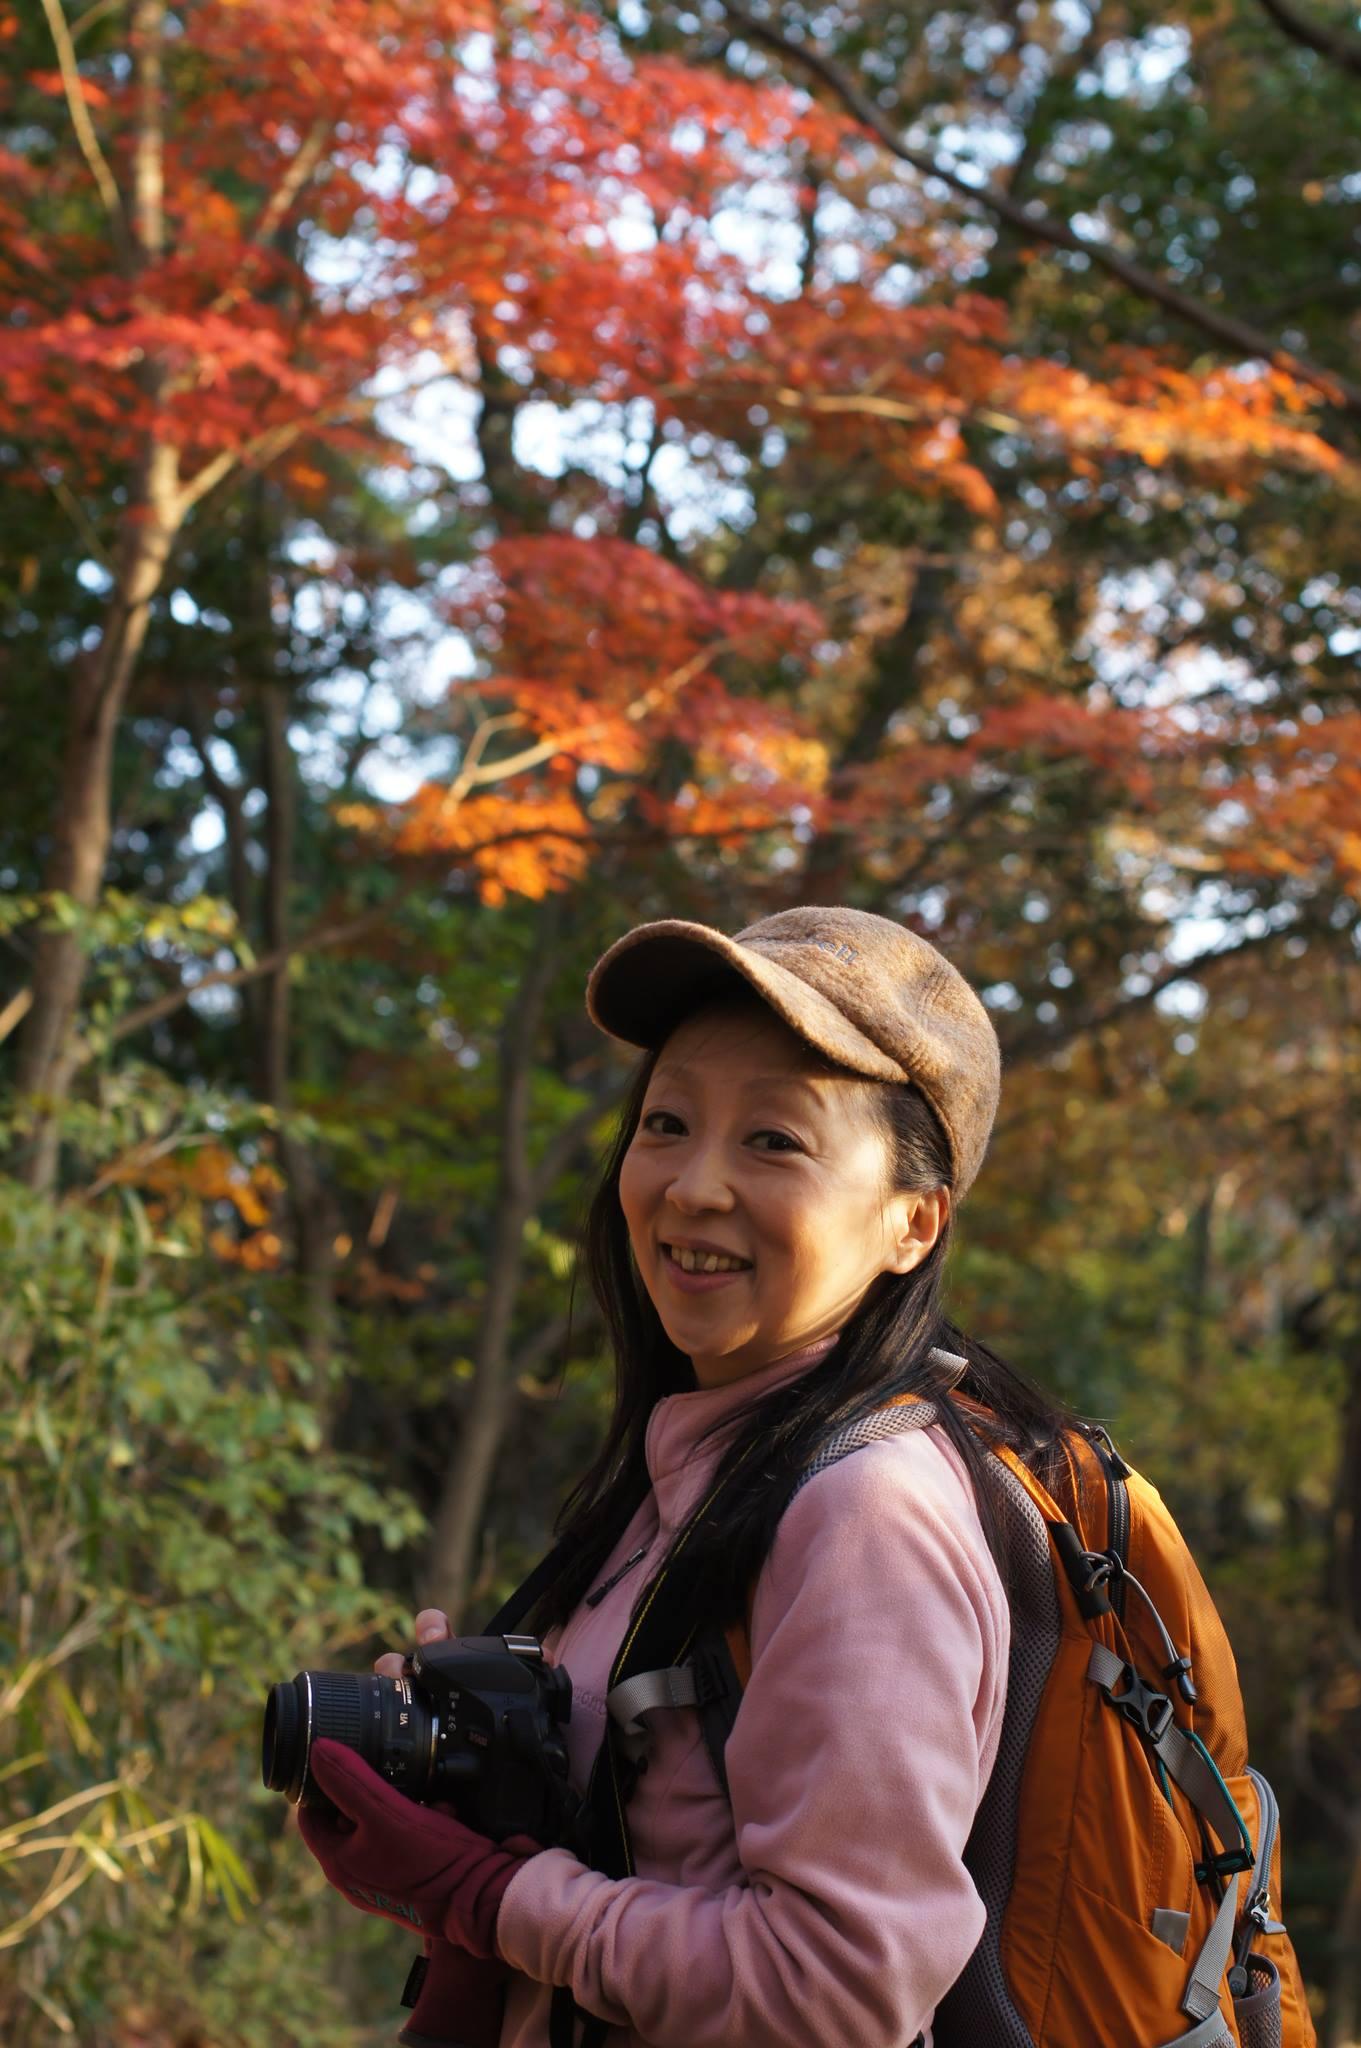 2013年山ガール(山おばさん?)写真集_b0058160_21593640.jpg